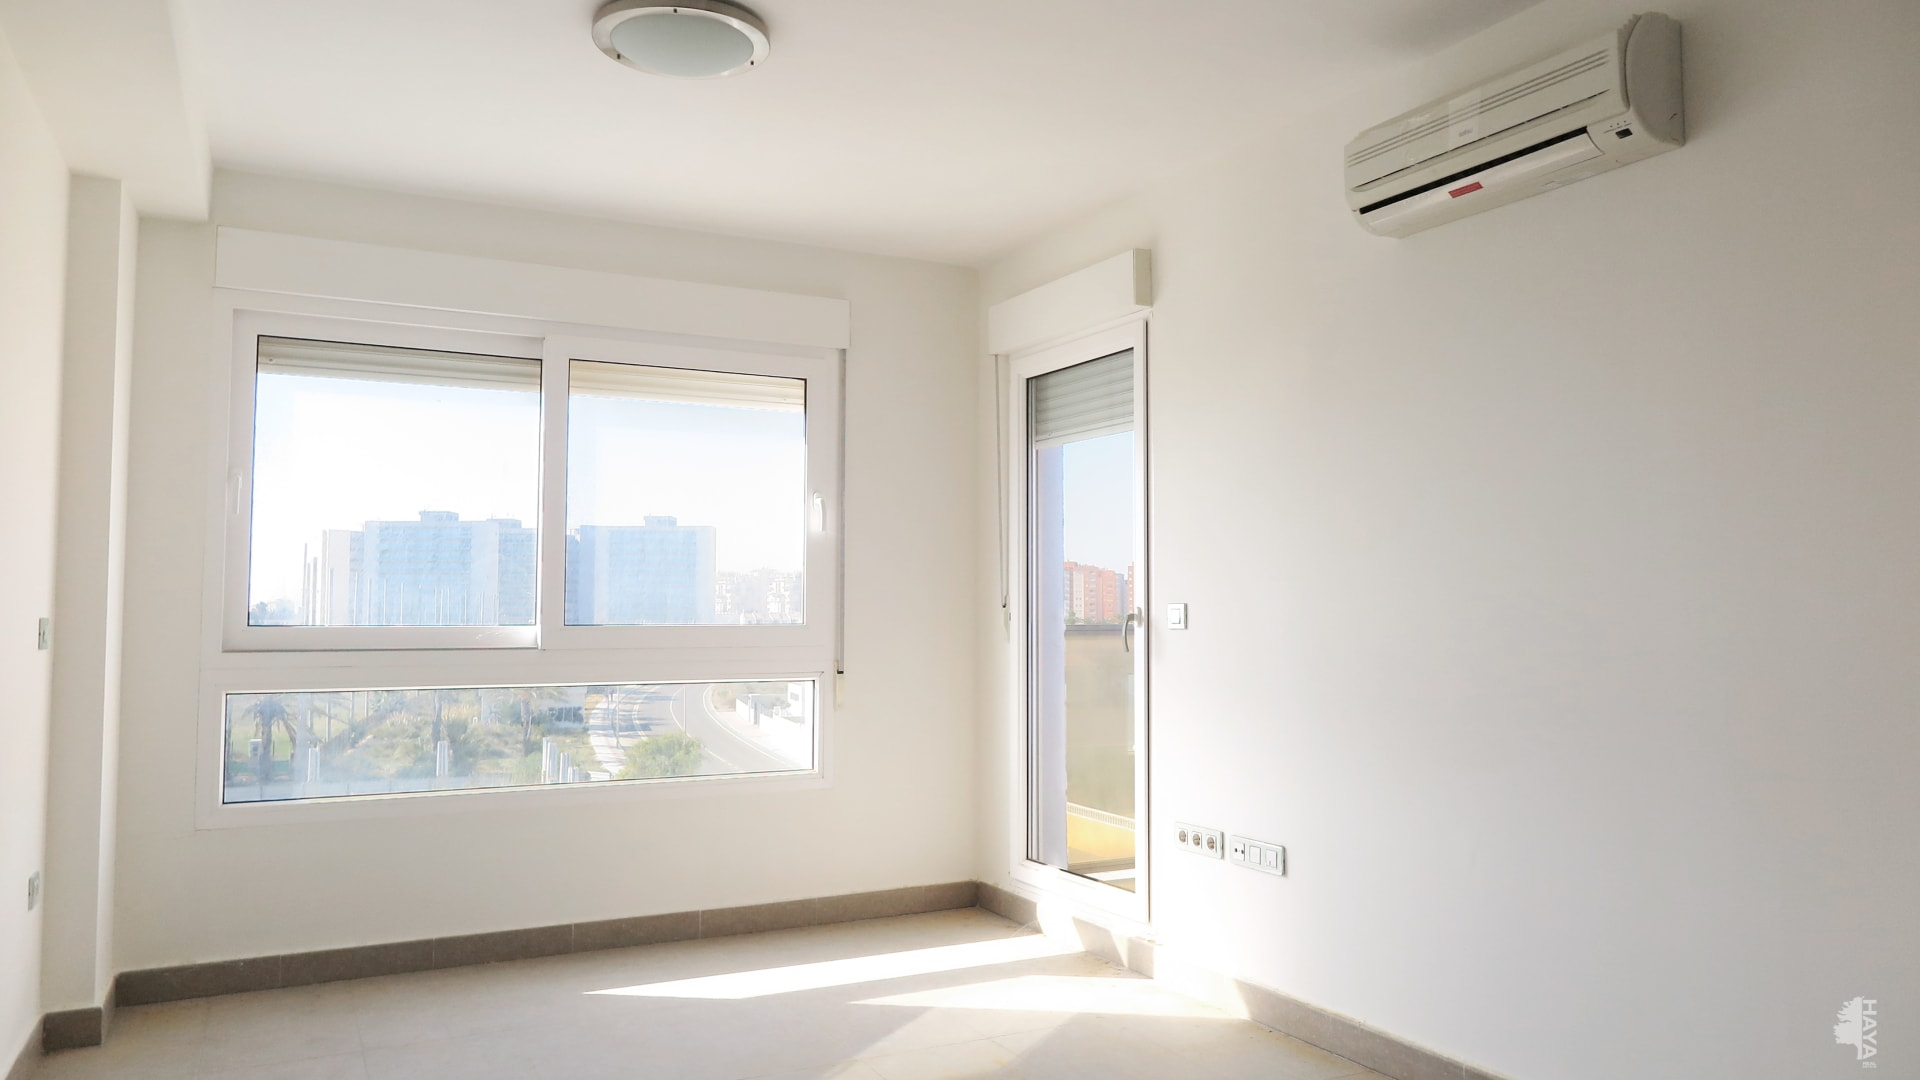 Piso en venta en Piso en San Javier, Murcia, 101.000 €, 1 habitación, 1 baño, 60 m2, Garaje